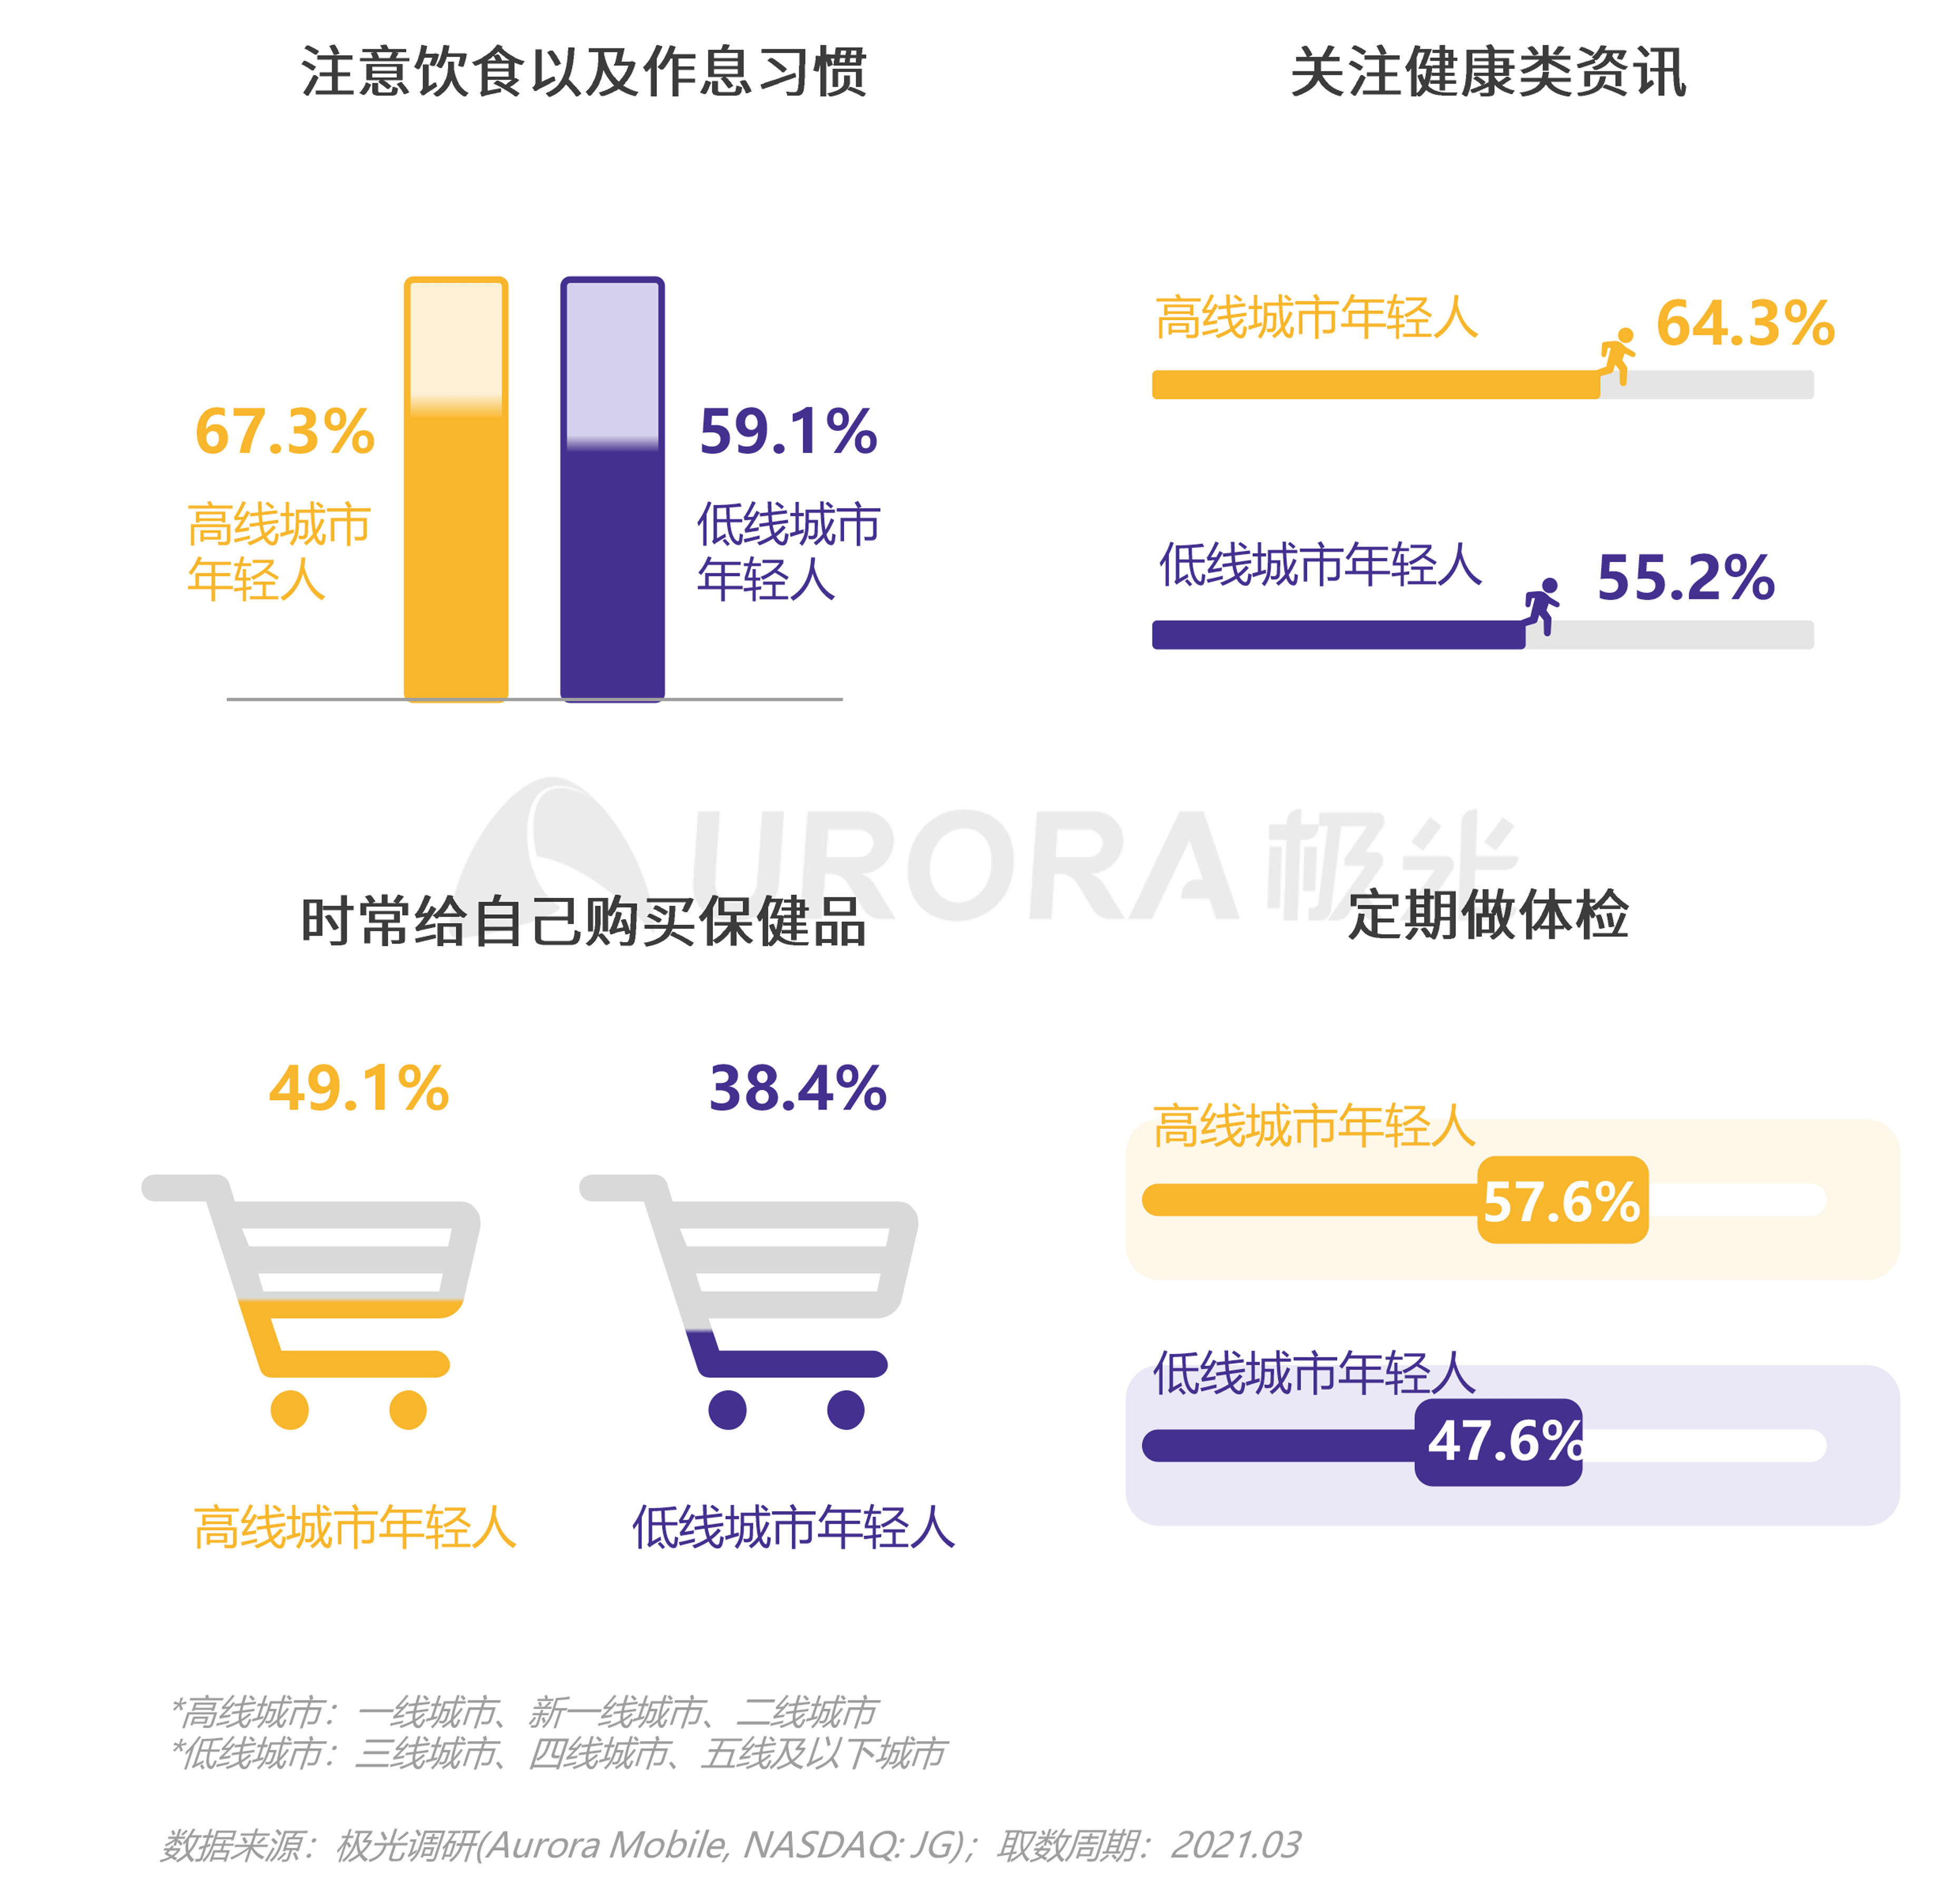 2021年轻人营销趋势研究报告【定稿】-53.png